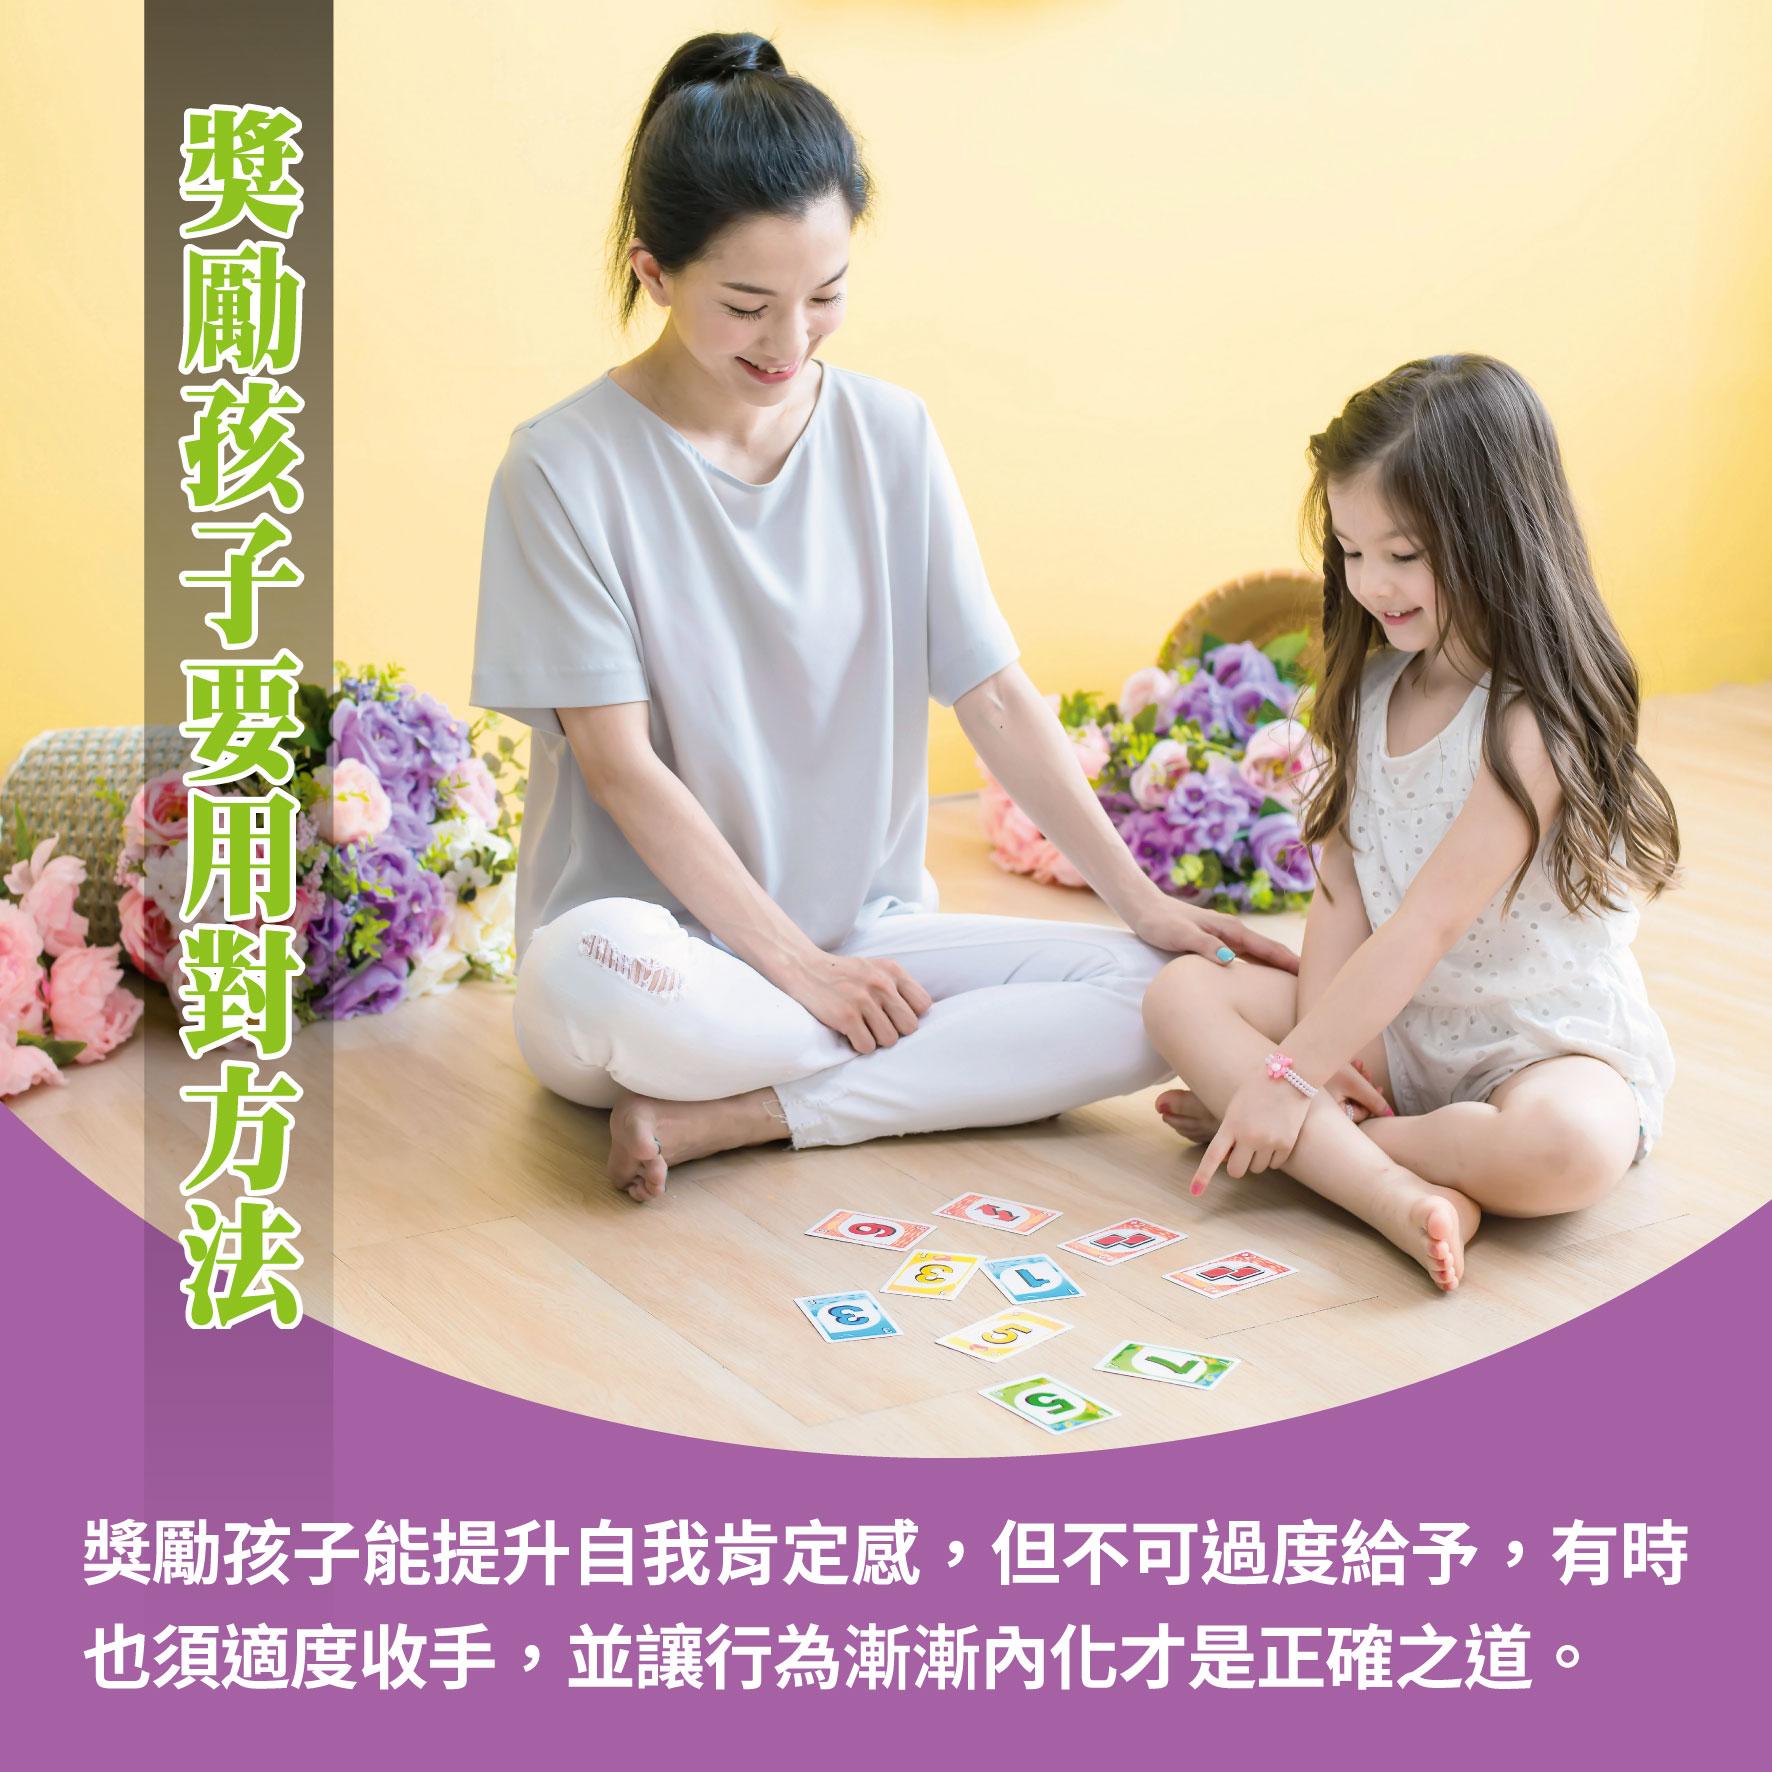 幼兒6歲(第36週)獎勵孩子要用對方法